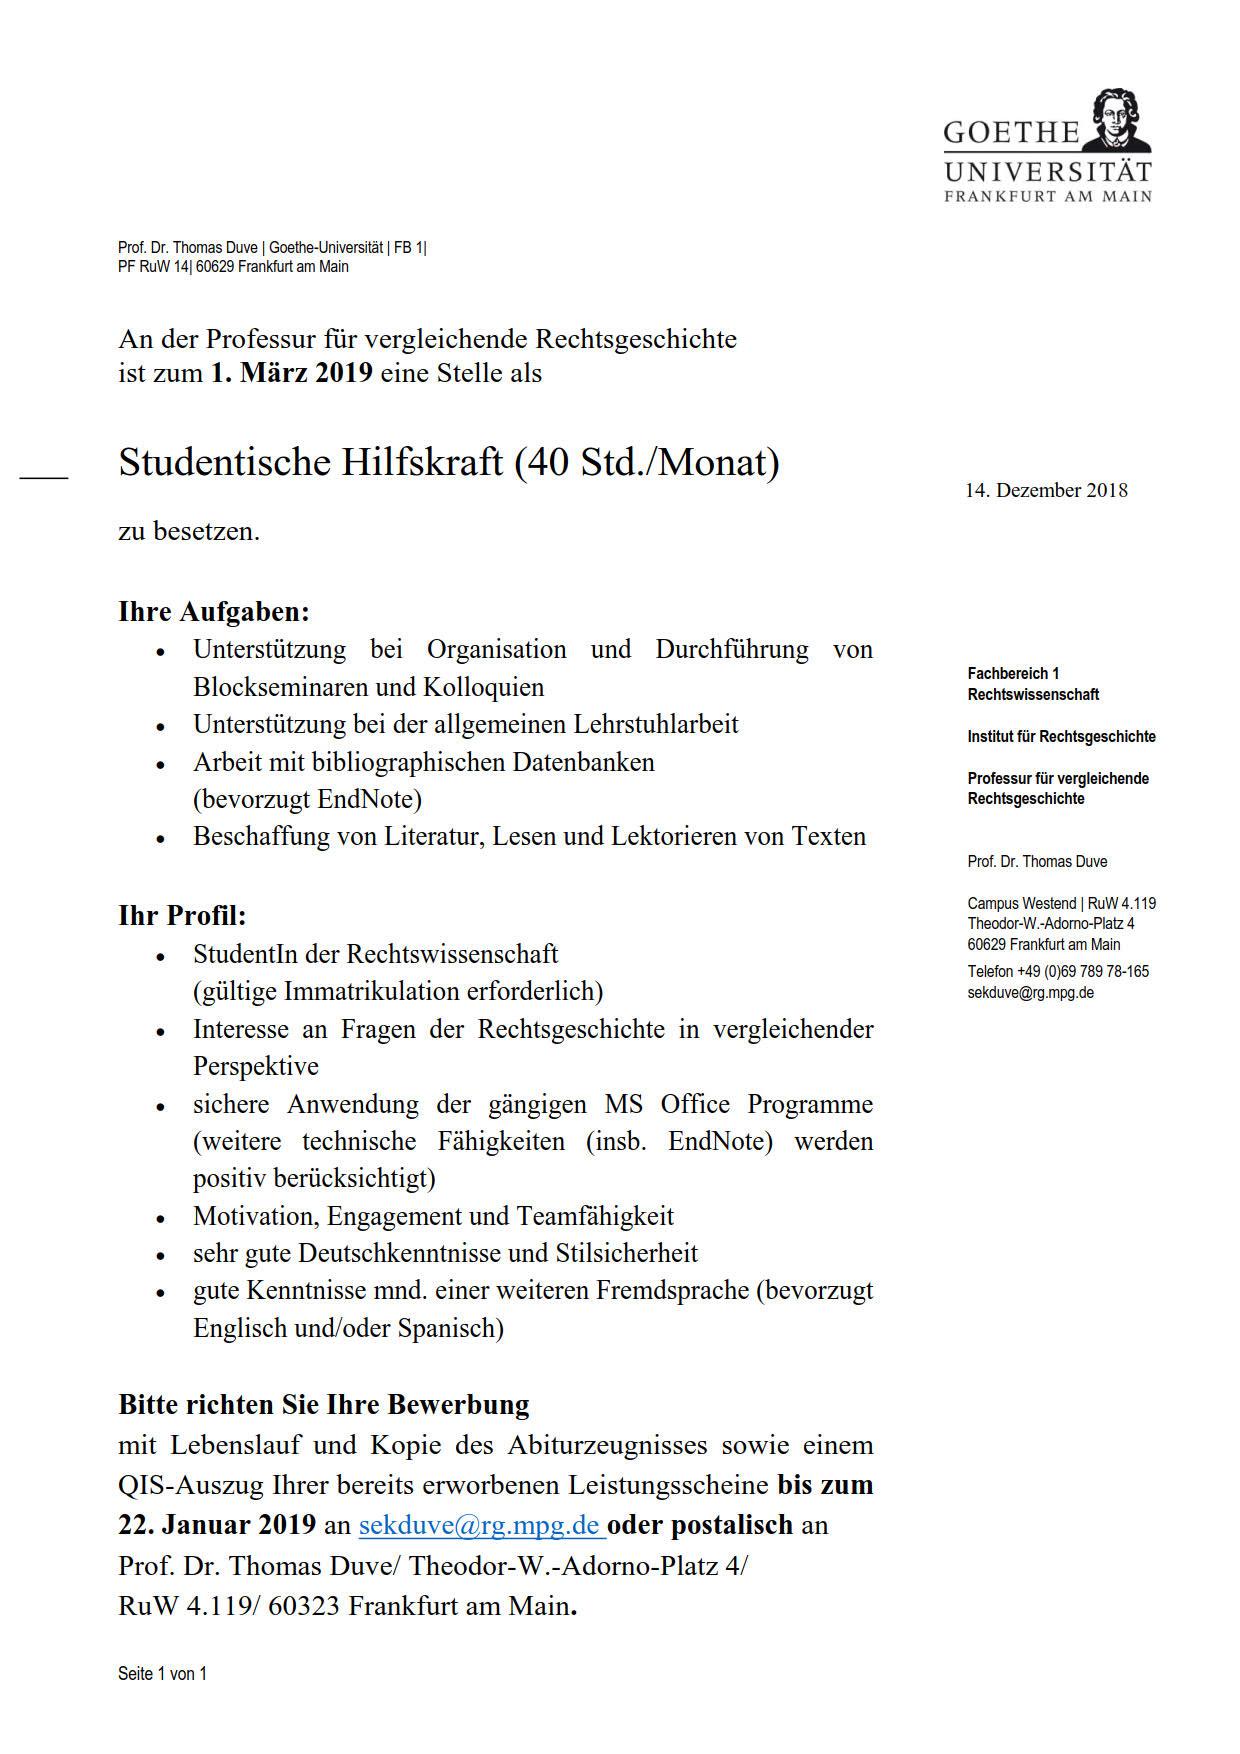 Goethe Universität Professur Für Vergleichende Rechtsgeschichte